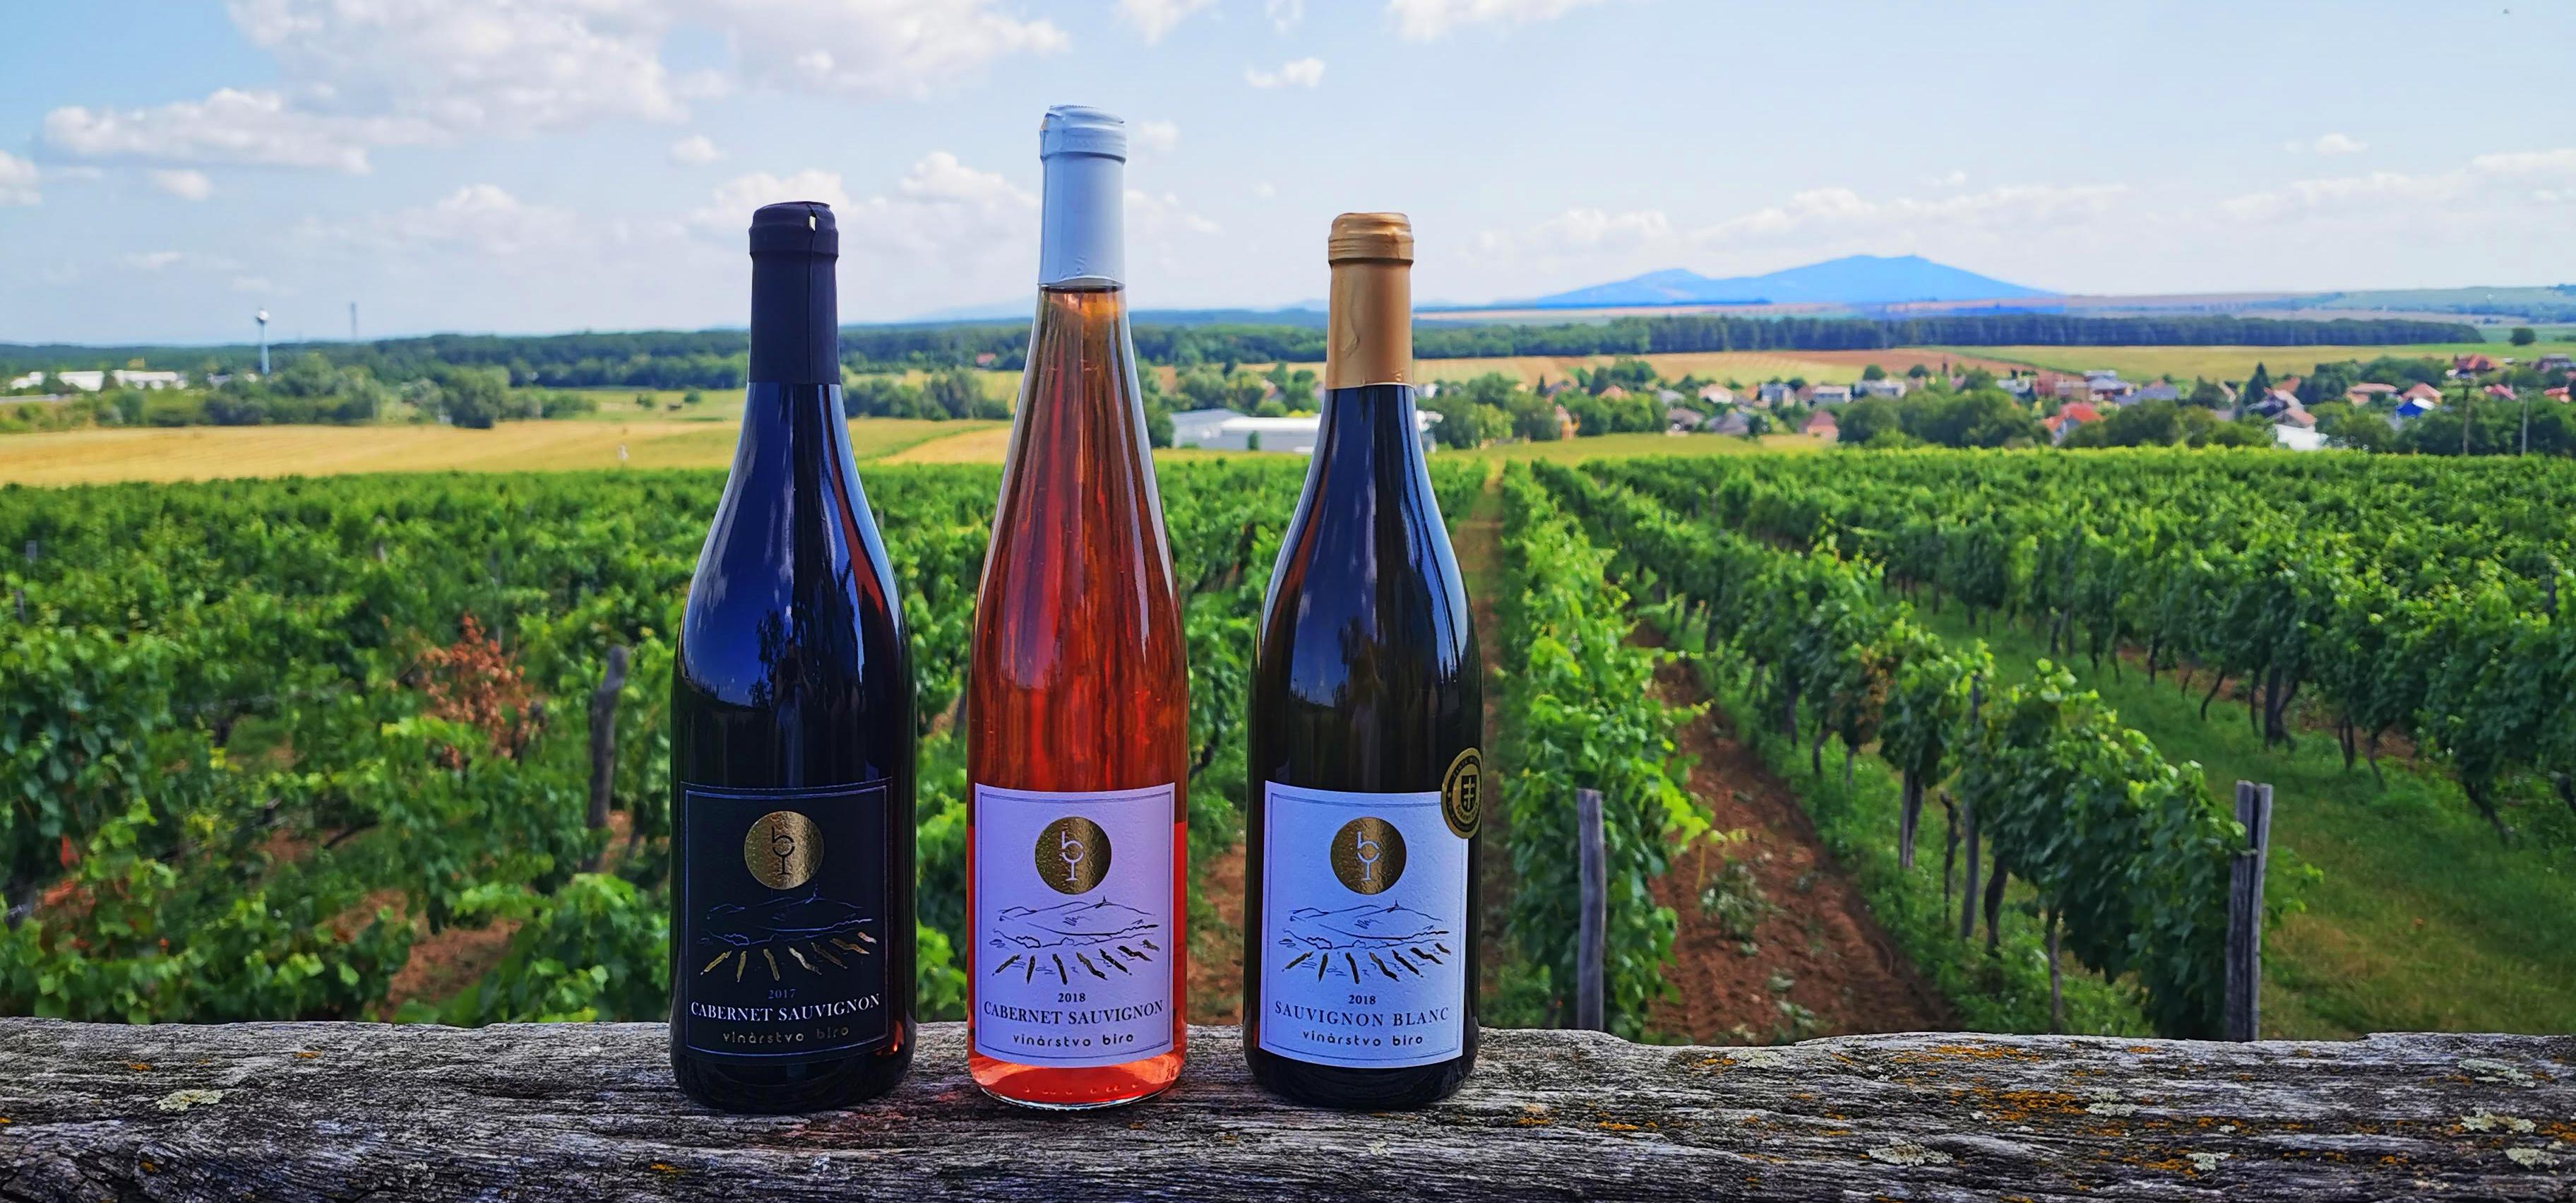 vinárstvo bíro